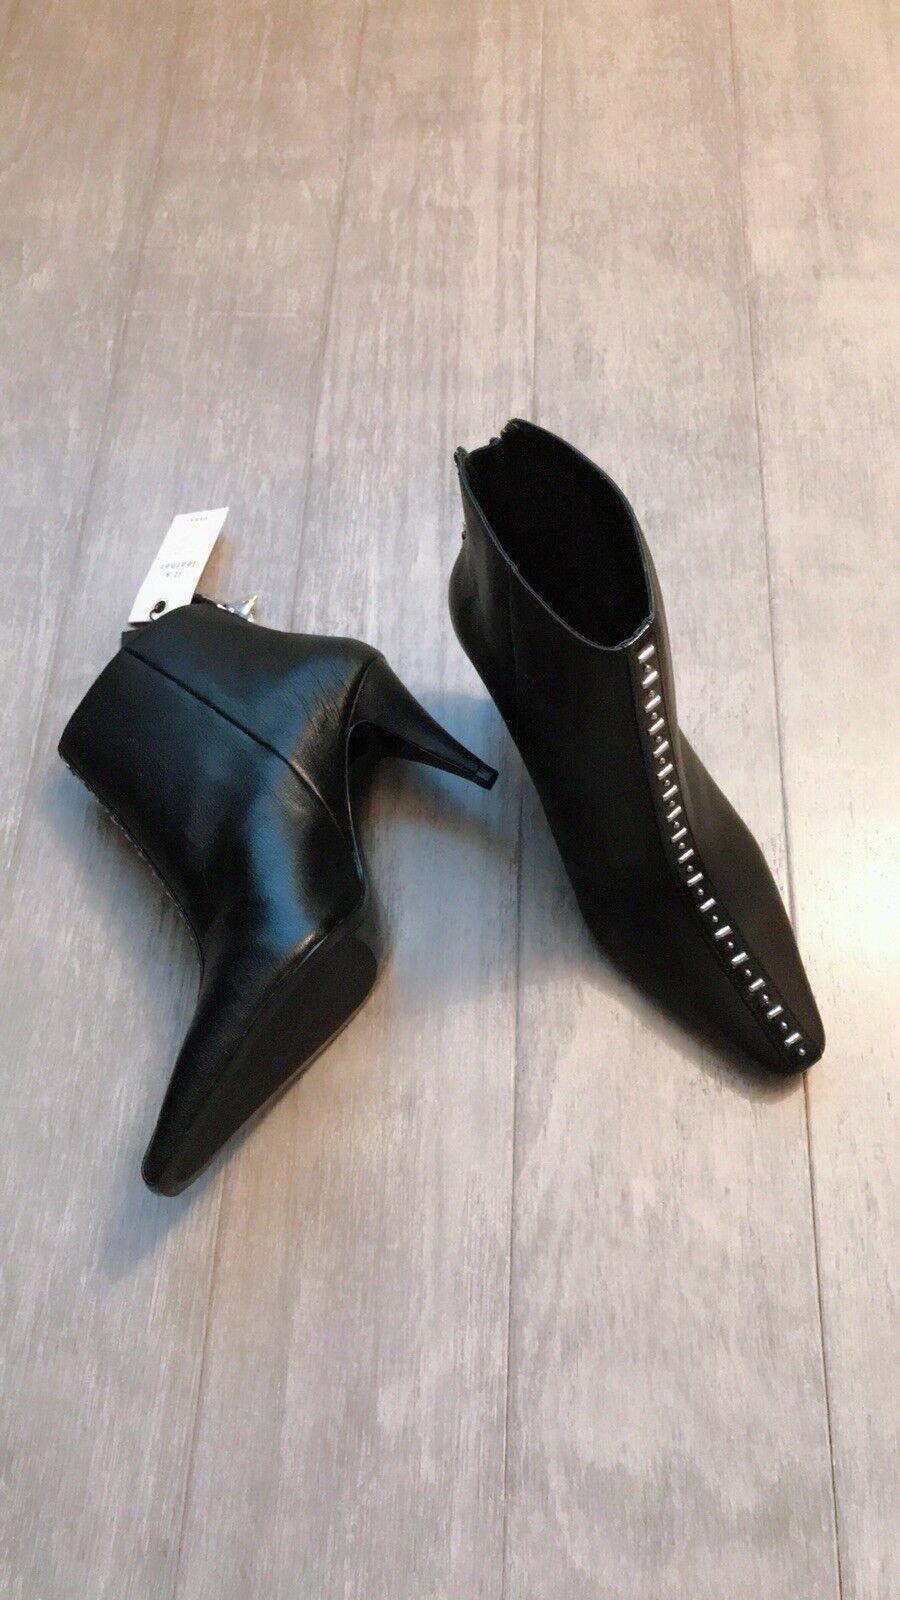 Zara mujer Leather botas al al al Tobillo Con Tachuelas (Negro, 7.5 EUR 38 EE. UU.)  ahorre 60% de descuento